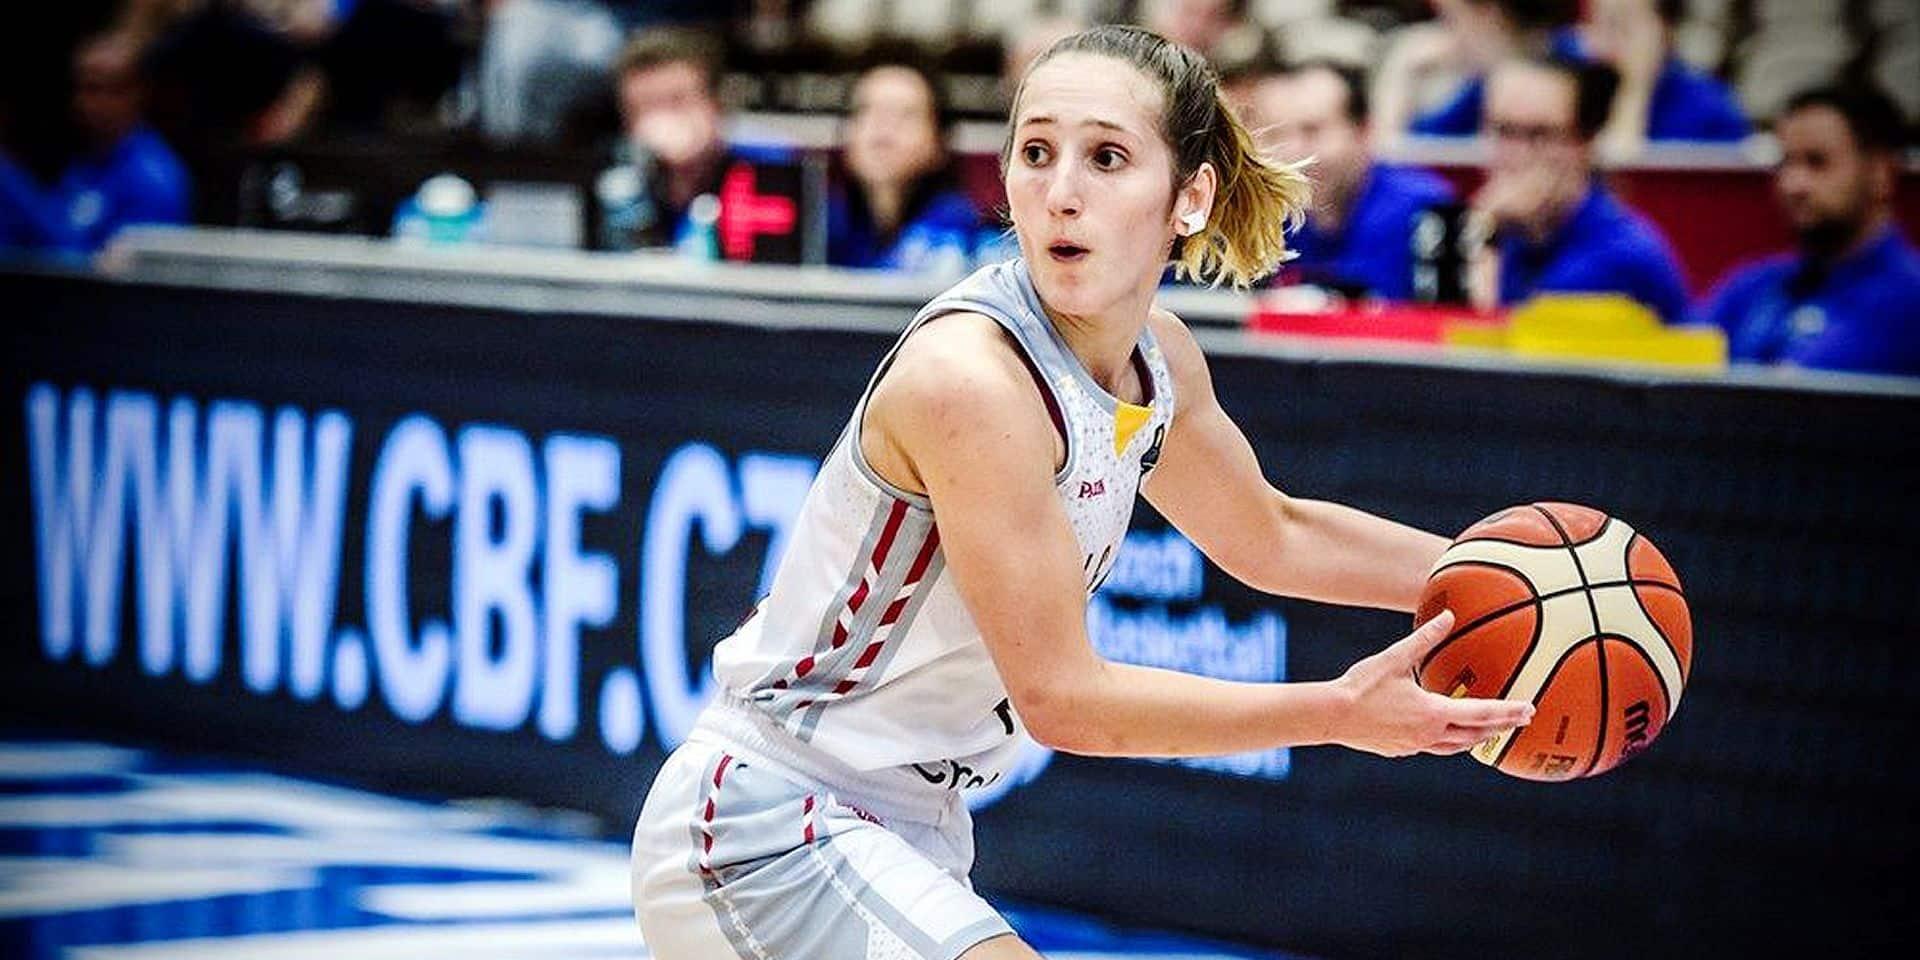 """La Framerisoise Emeline Leblon a terminé 4e de l'Euro et du Mondial: """"Quelle expérience enrichissante"""""""